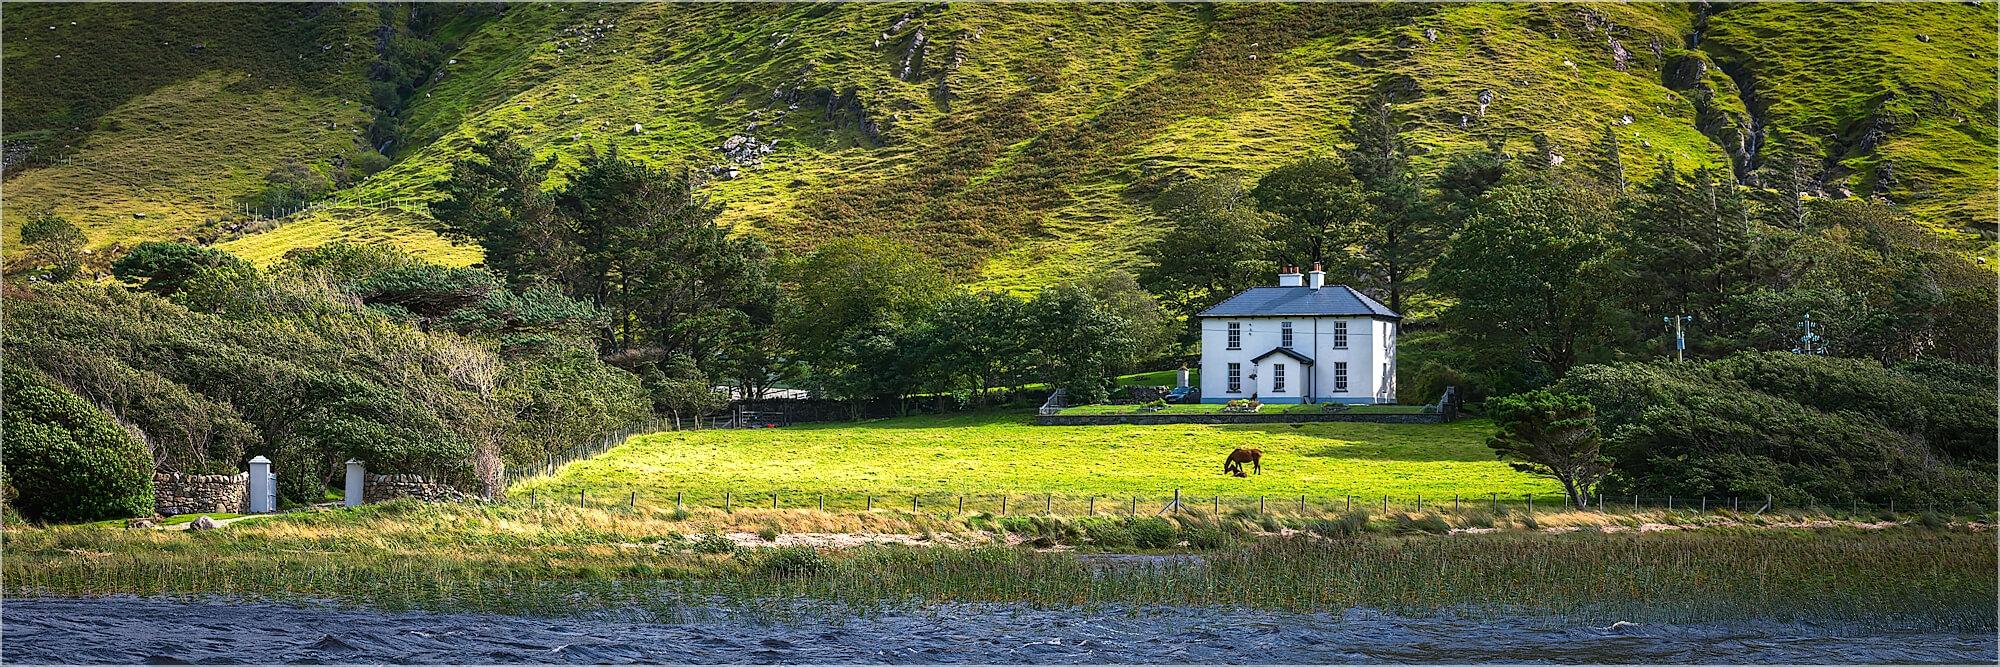 Panoramabild Landhaus am See Irland